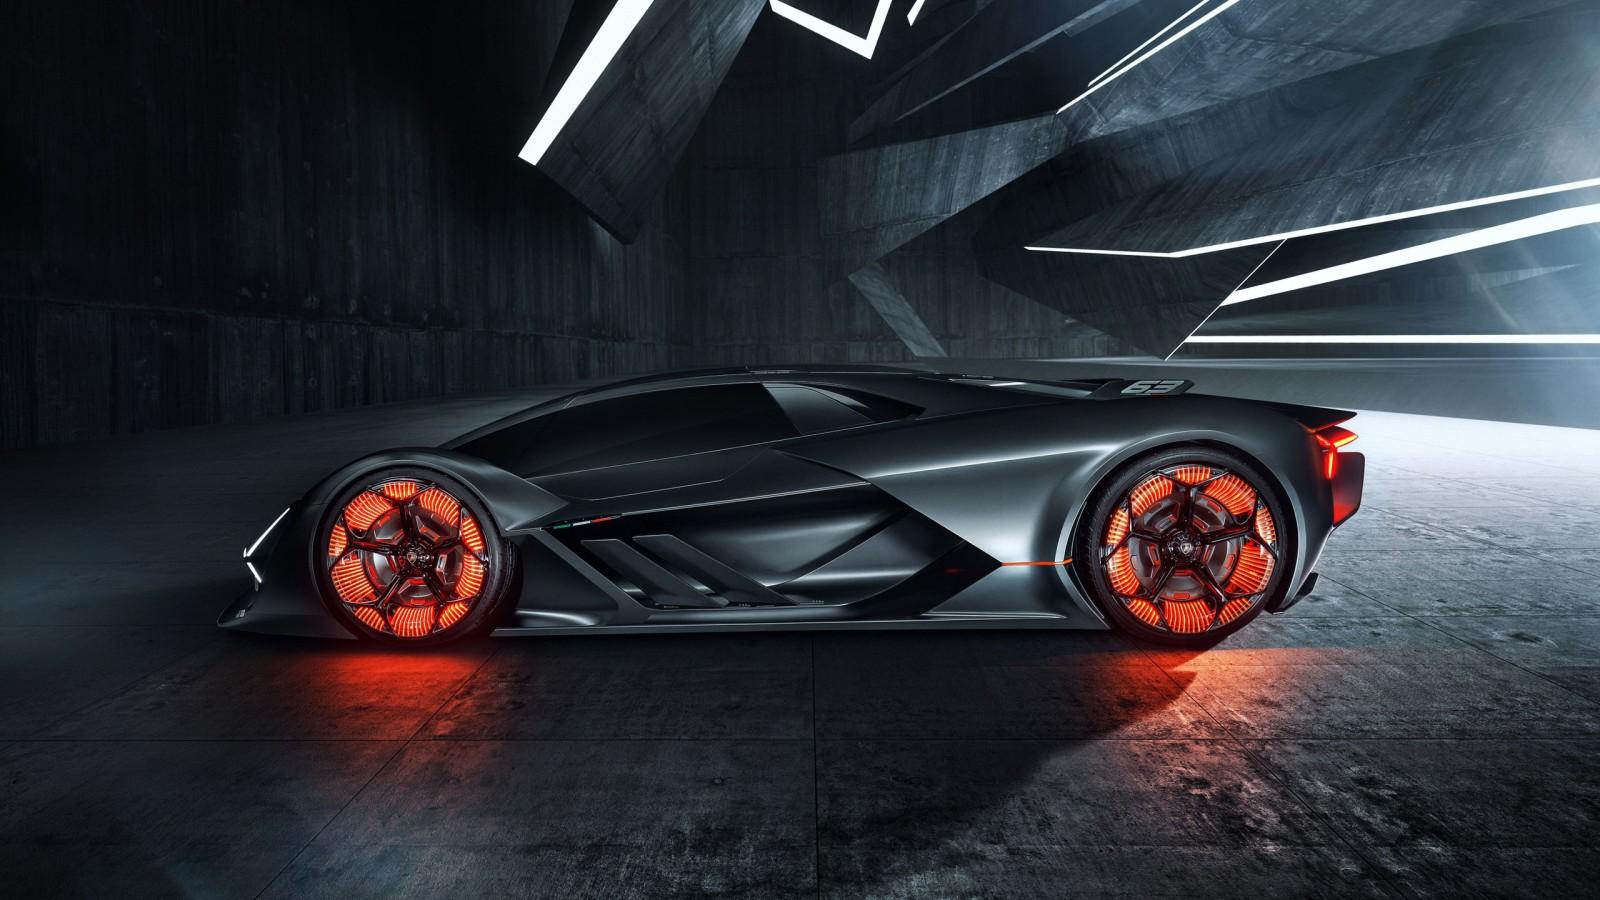 Lamborghini Terzo Millennio 2019 3 Wallpaper Hd Car